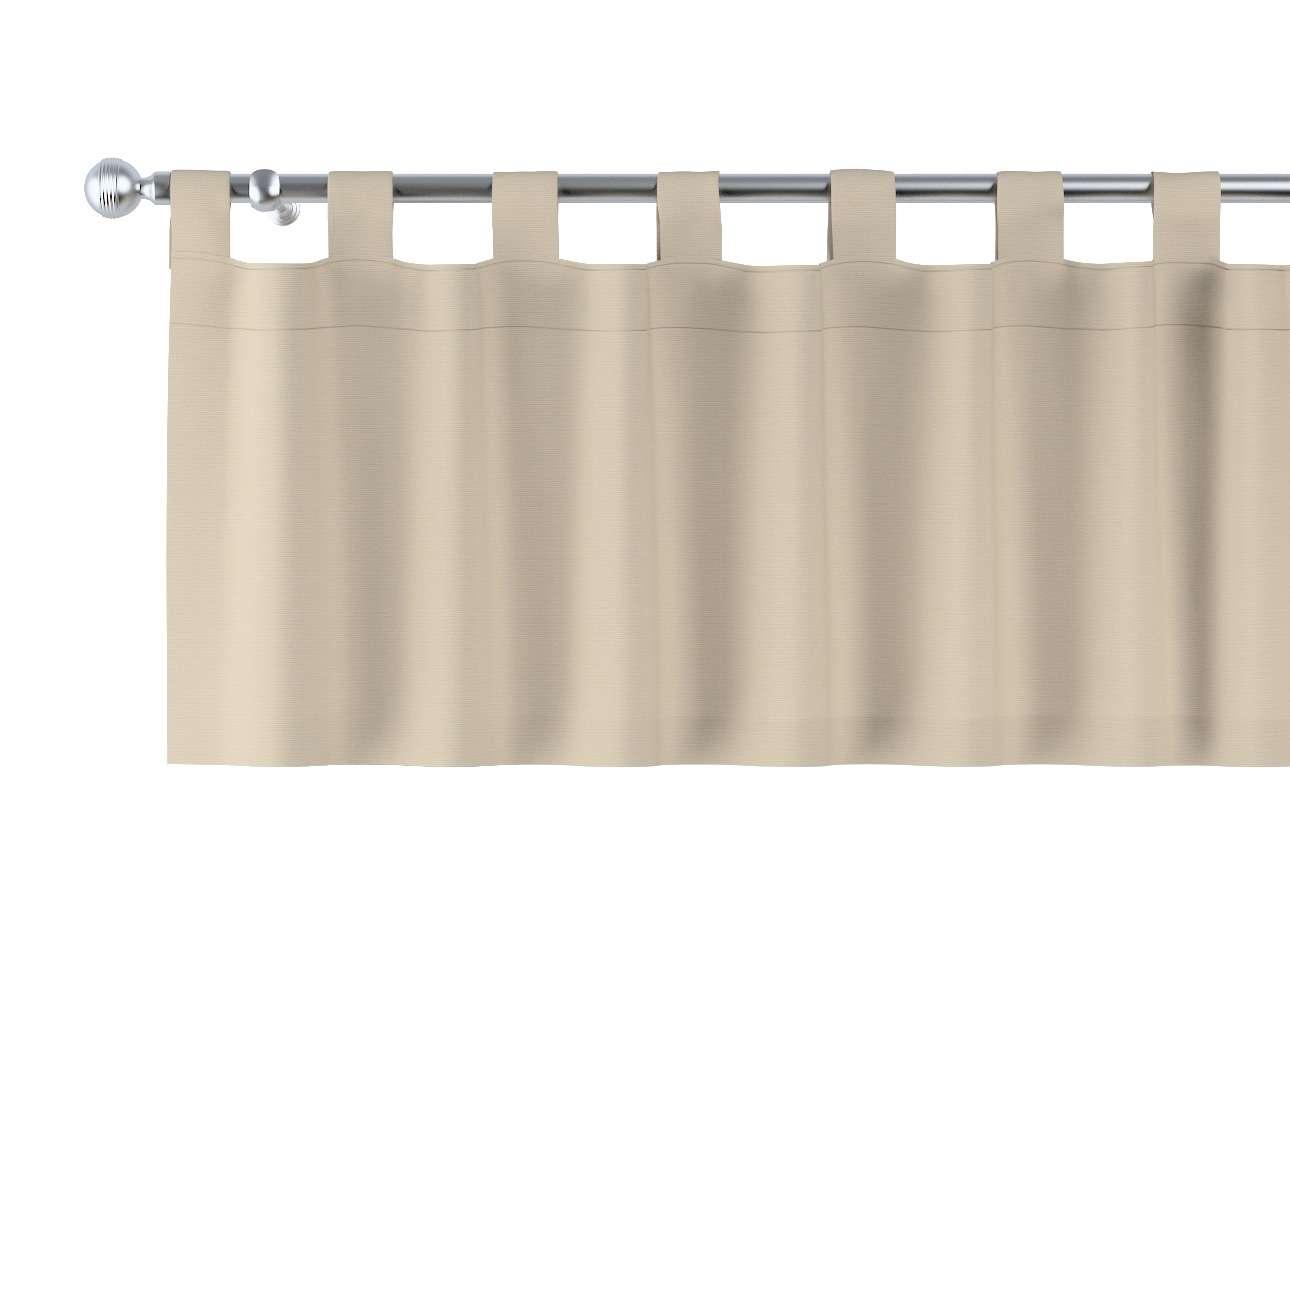 Trumpa užuolaidėlė (lambrekenas) kilpinis klostavimas 130x40cm kolekcijoje Cotton Panama, audinys: 702-01